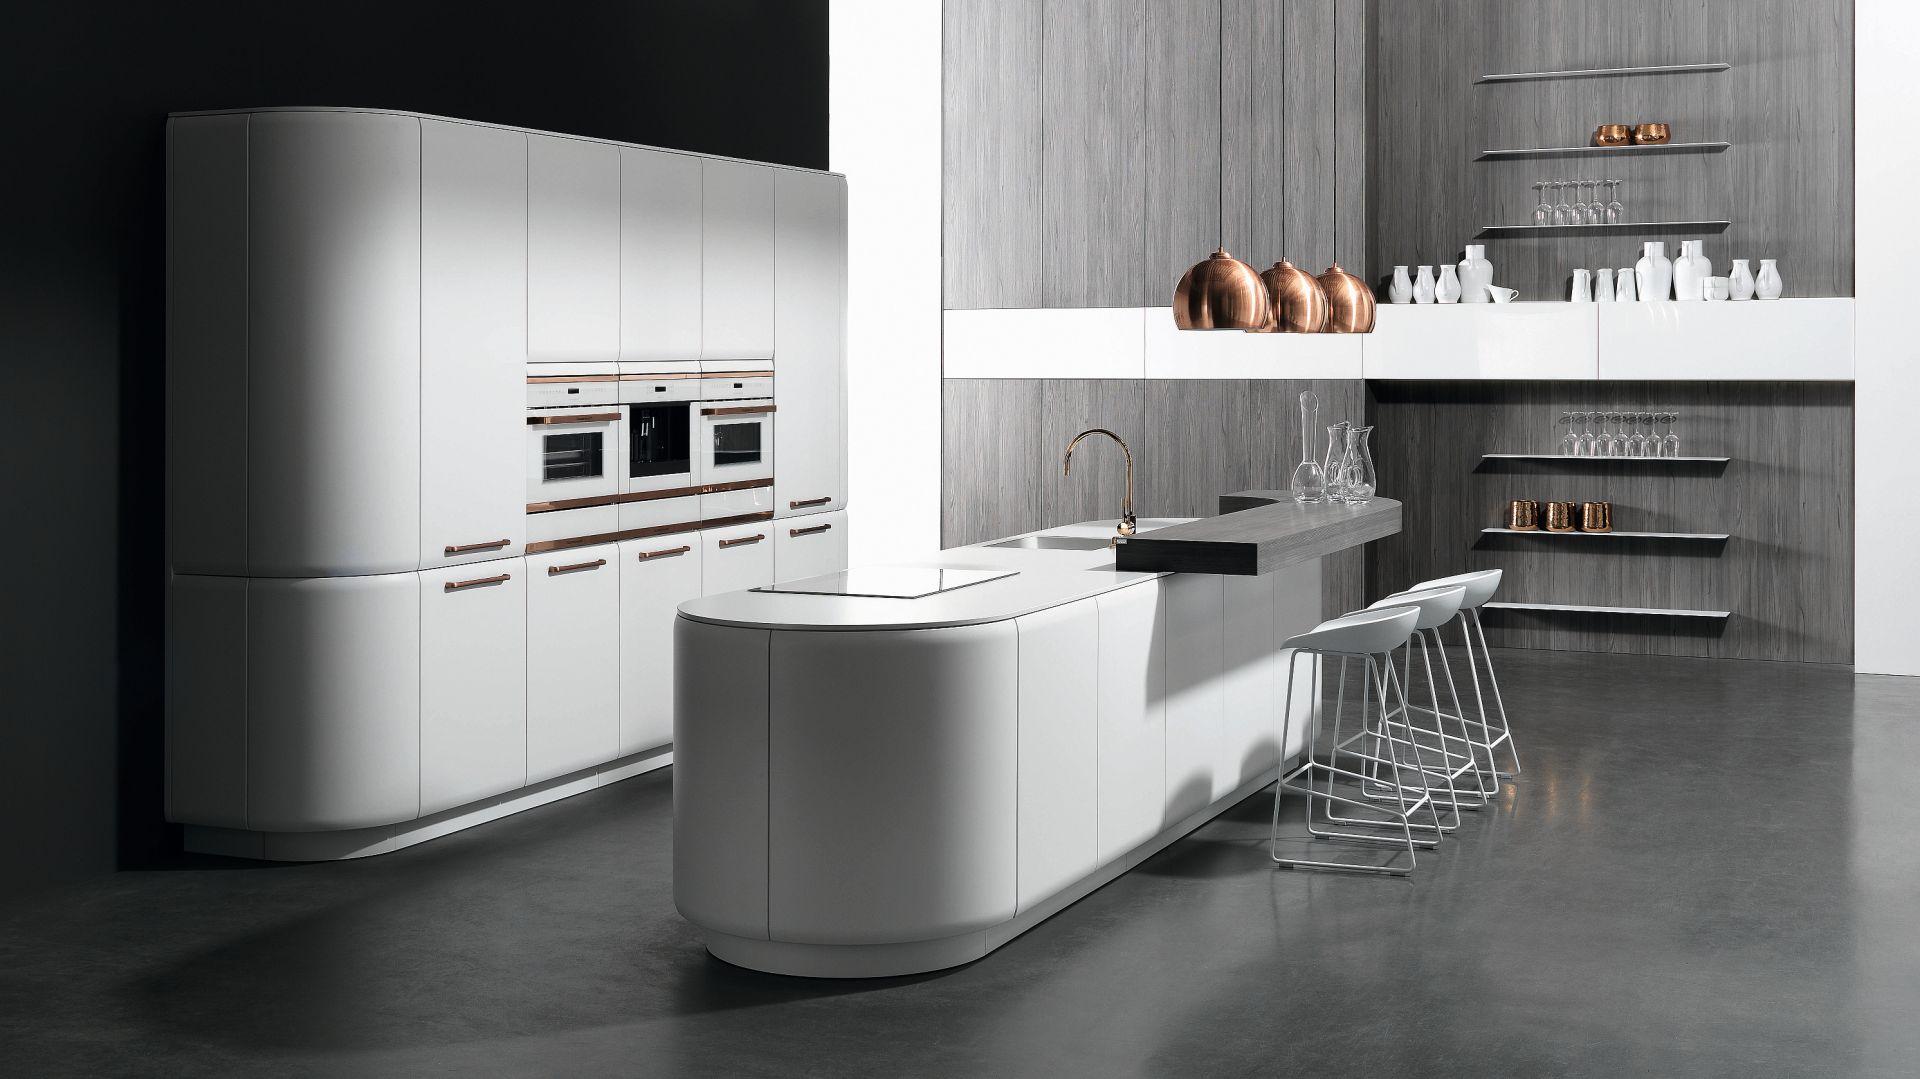 Kuchnia Onda w białym kolorze to wysoka zabudowa meblowa w formie szaf, którą uzupełnia designerska wyspa o zaokrąglonych krawędziach. Fot. Rational